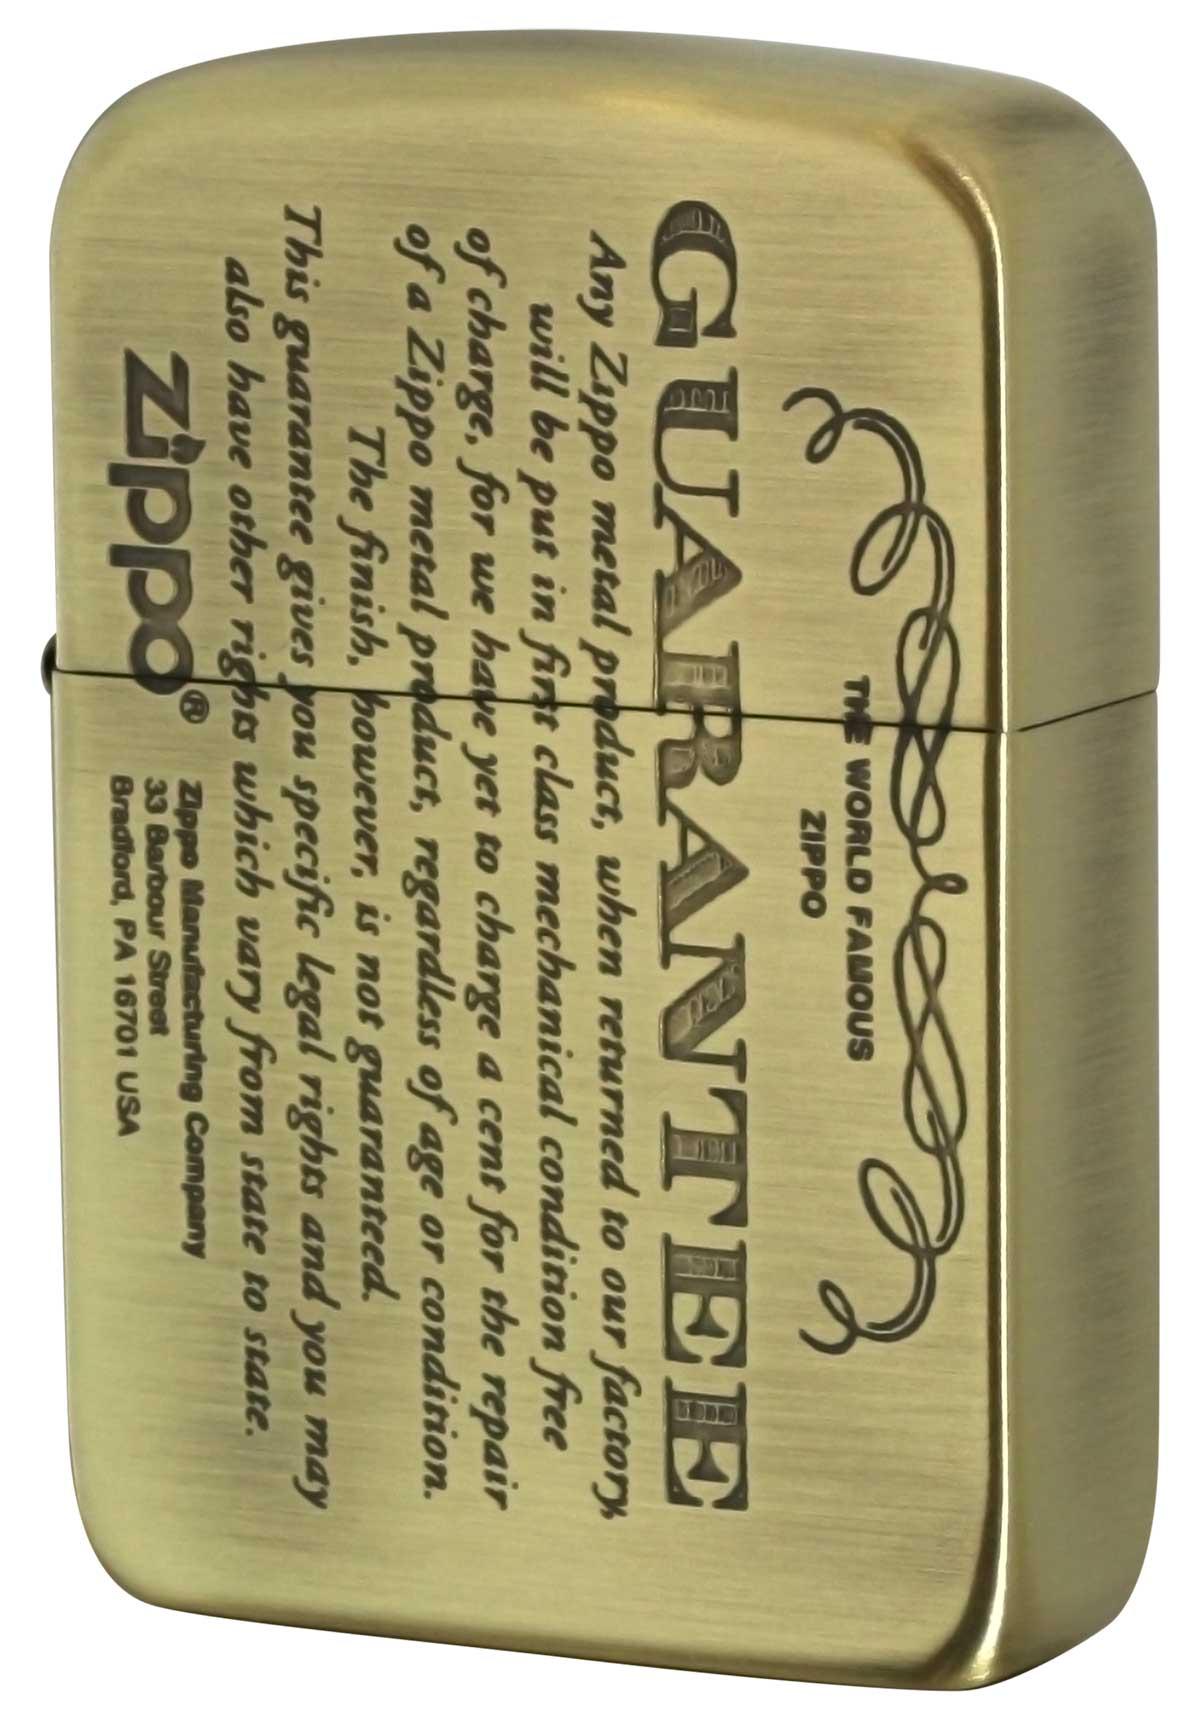 Zippo ジッポー GUARANTEE No.1941 ギャランティー柄 41GRT-BS メール便可